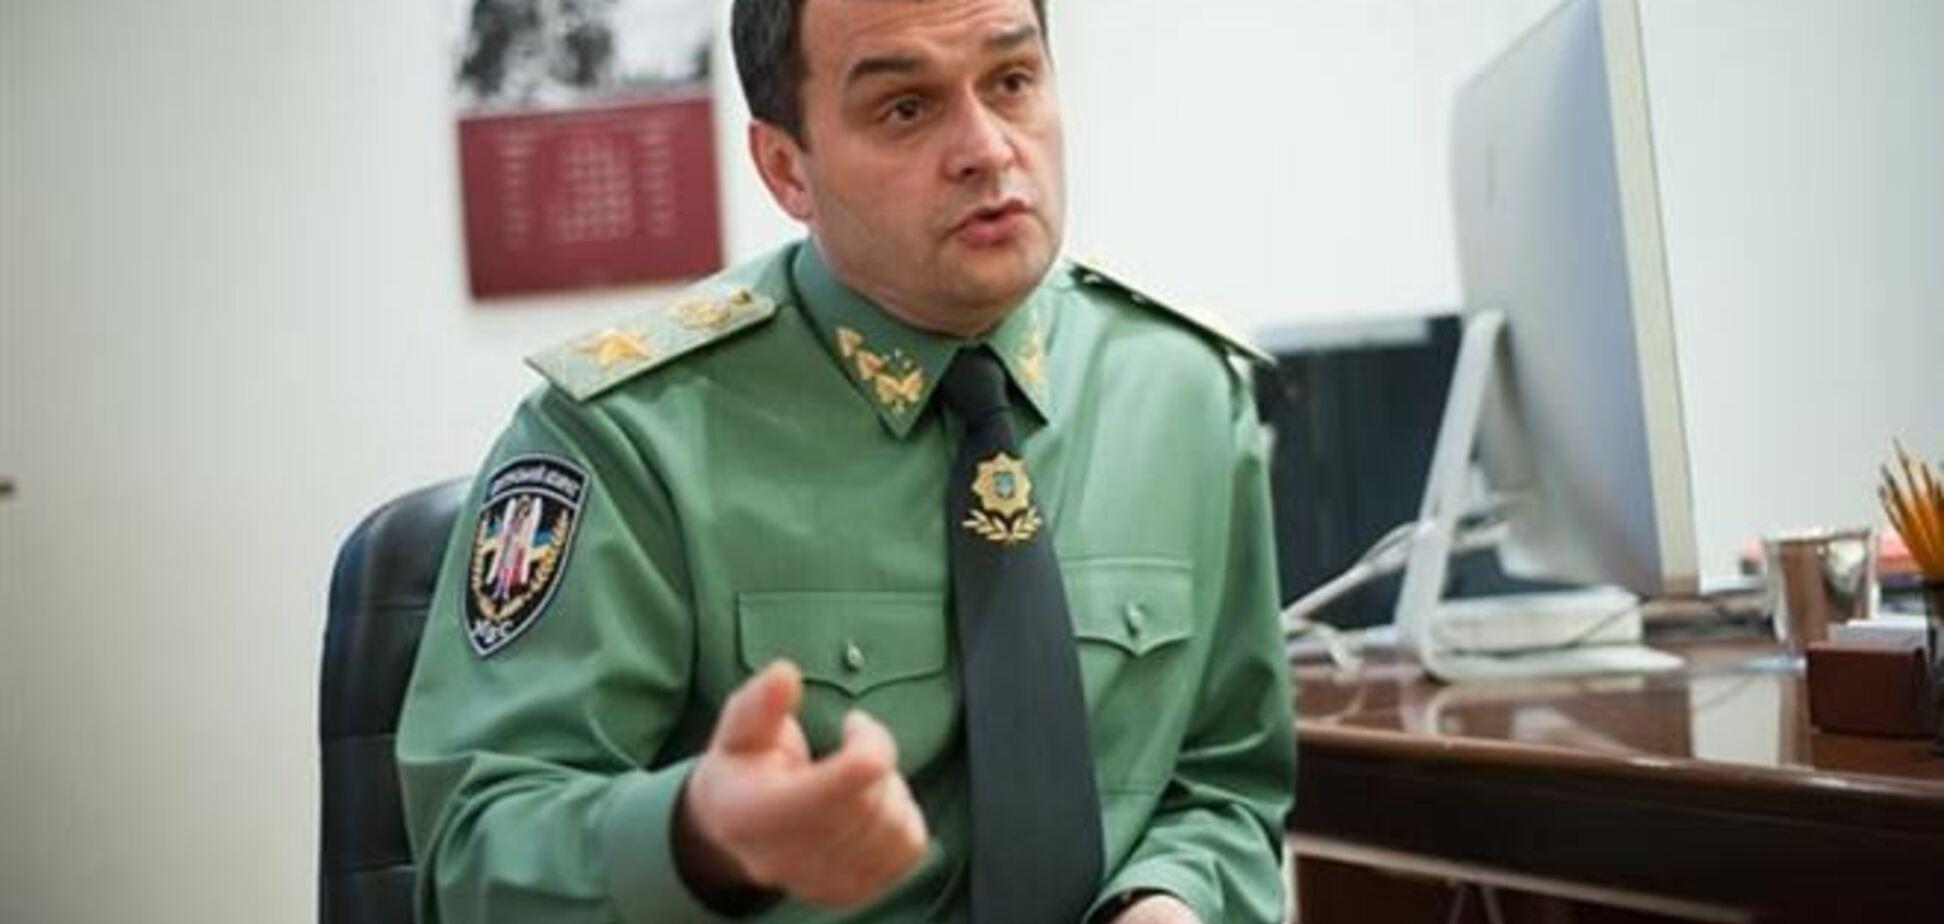 Захарченко продолжает отрицать расстрел боевиками активистов на Майдане